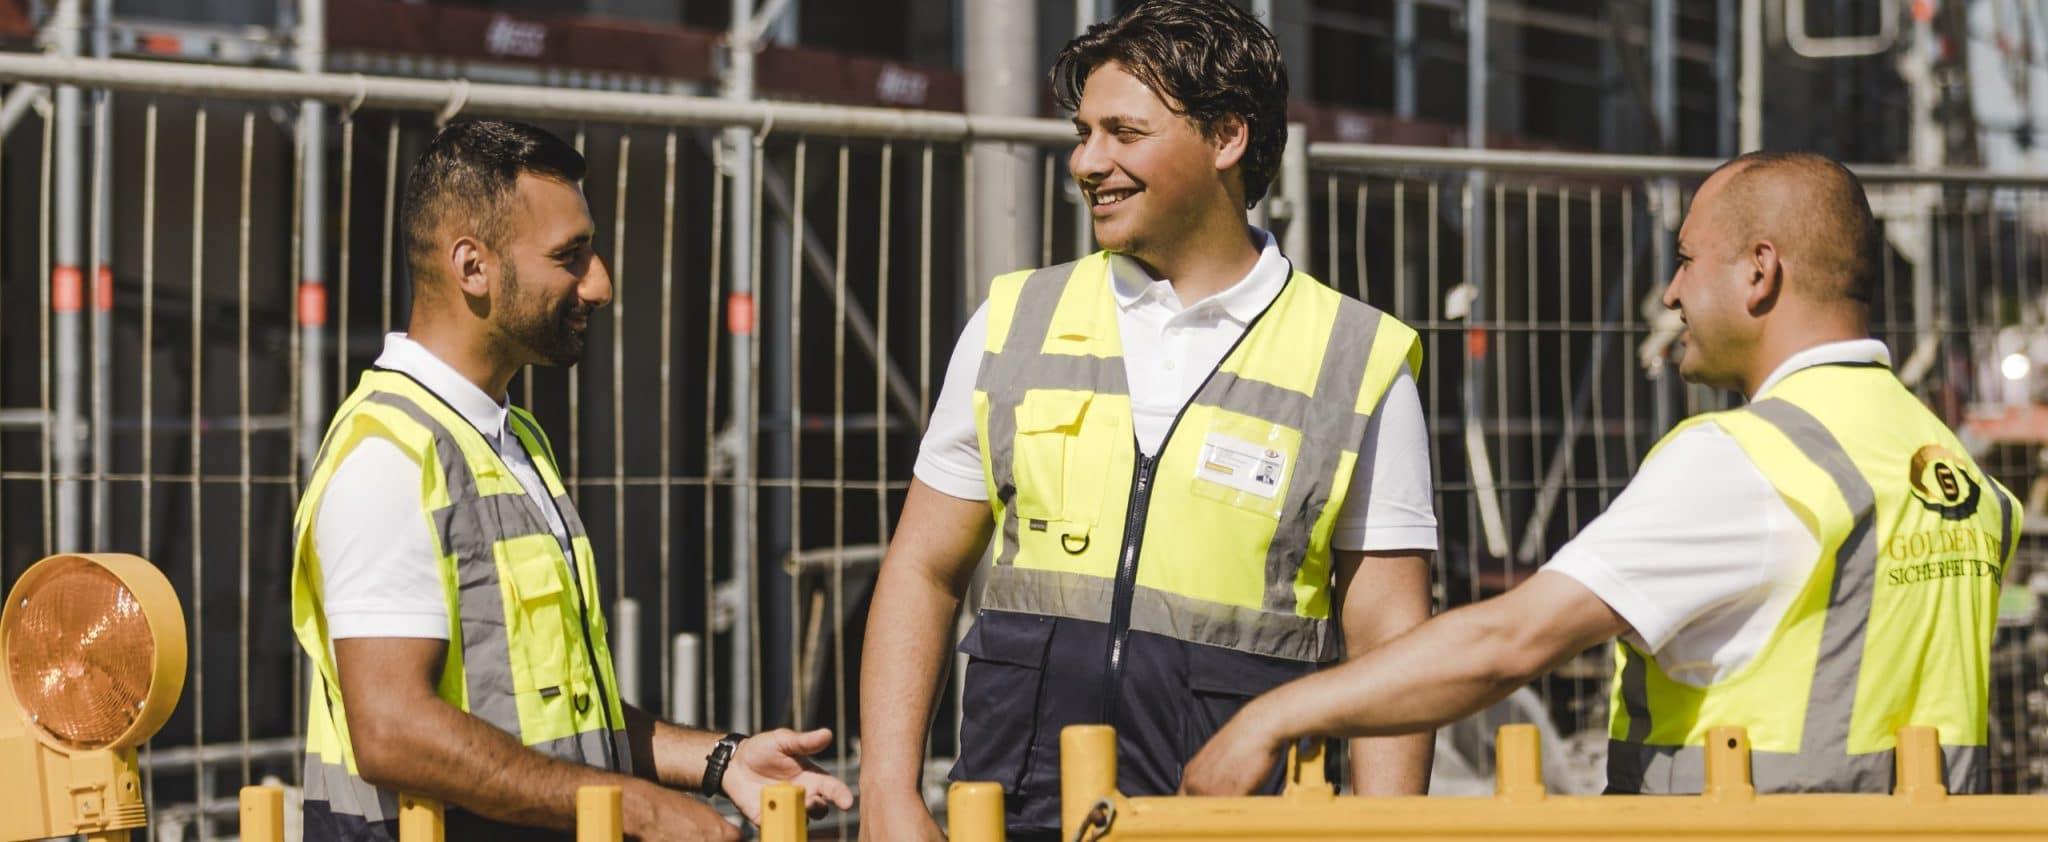 Sicherheitsdienst Grävenwiesbach